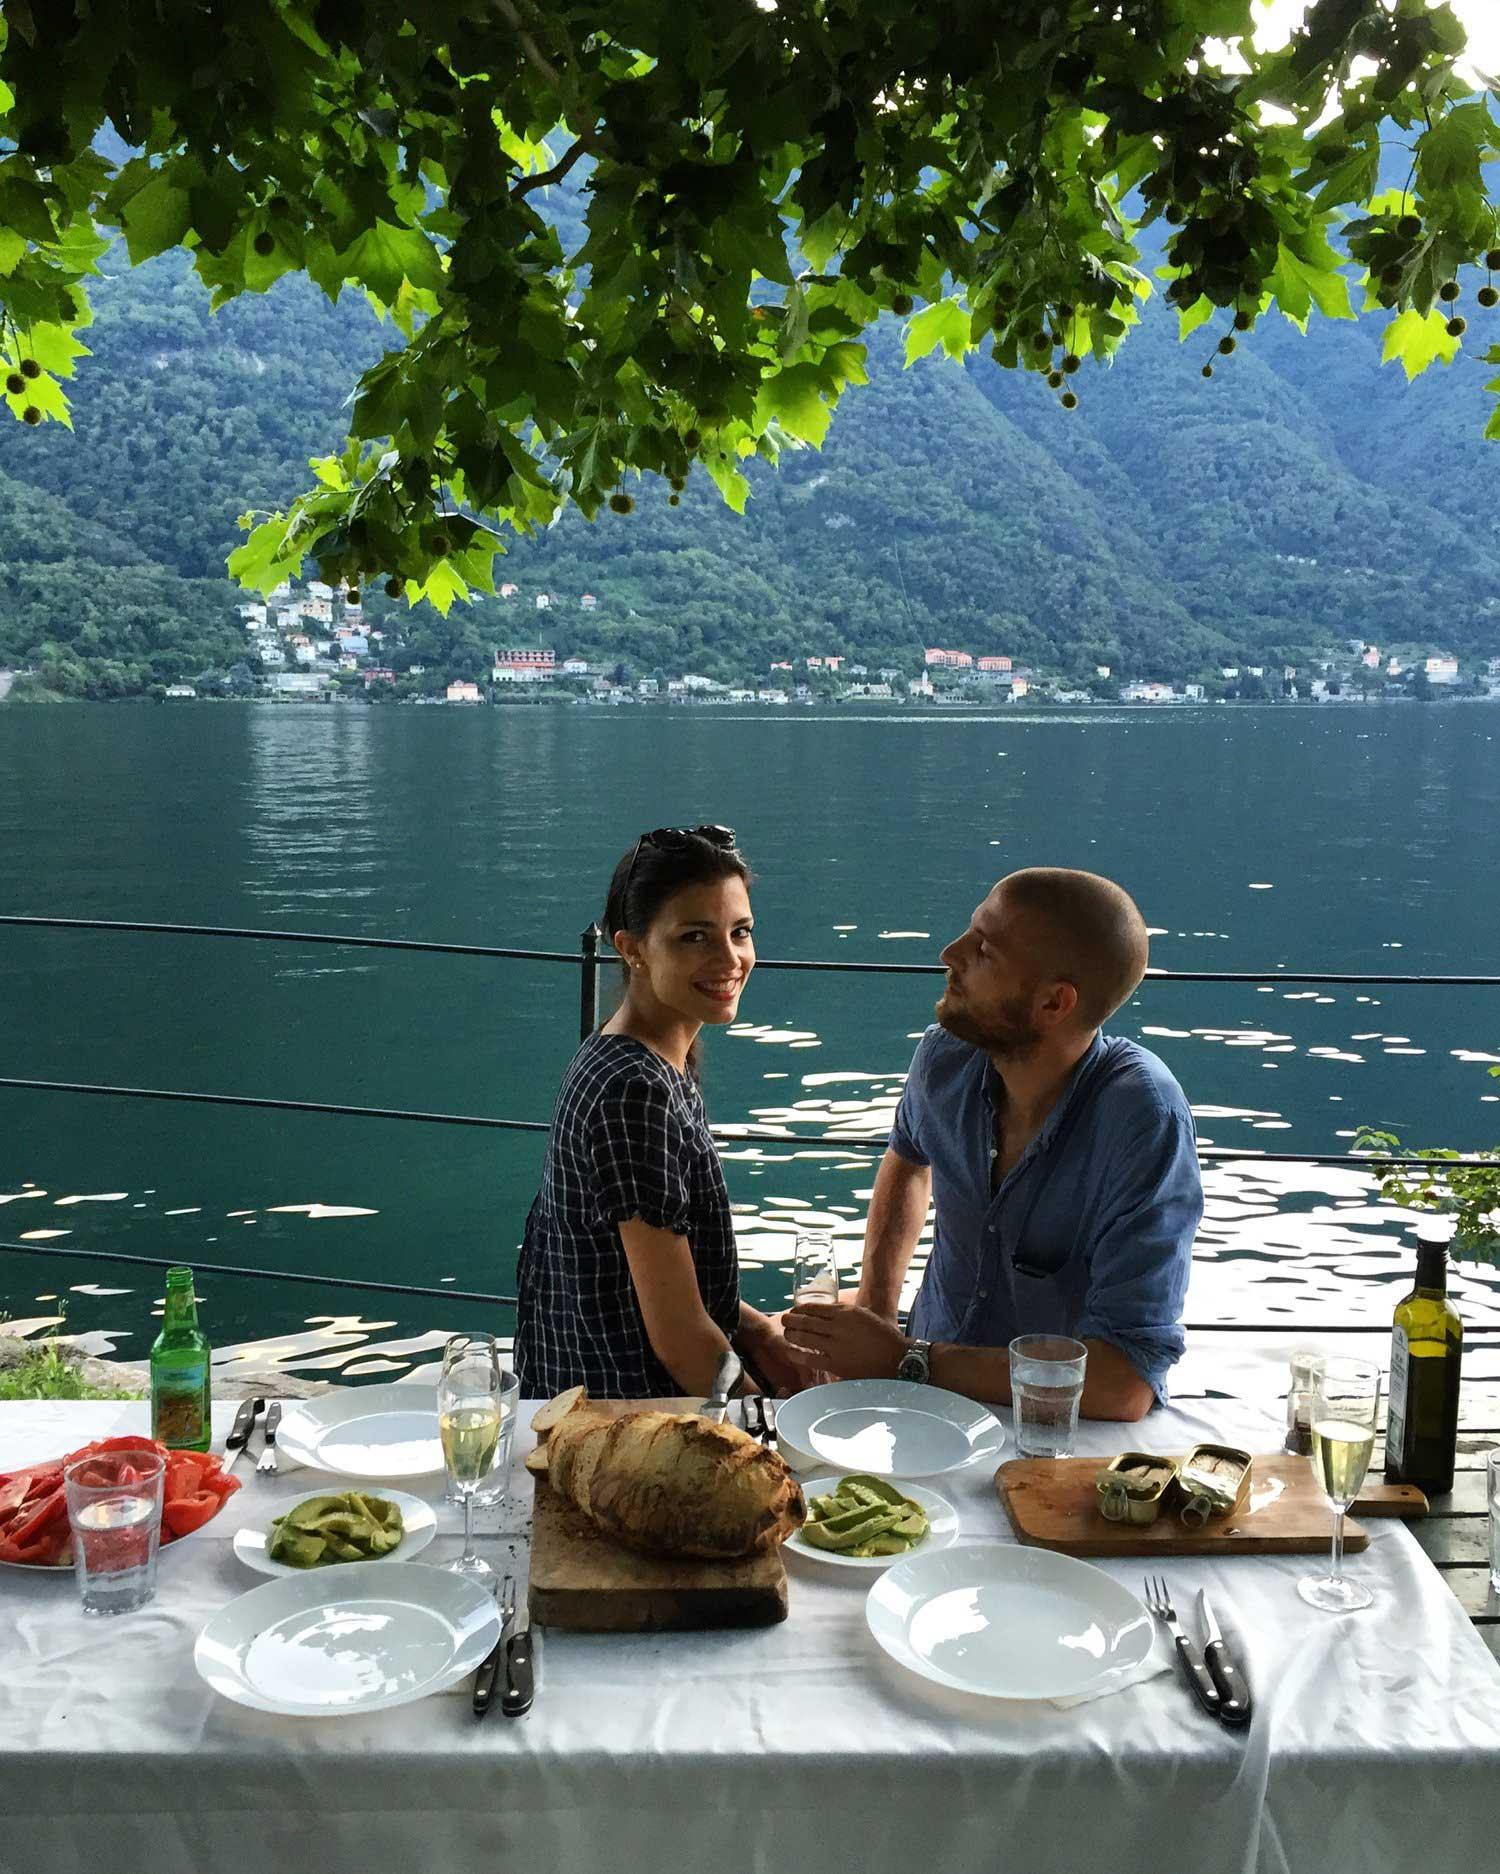 lake_como_cernobbio_guide_itsbeautifulhere27.jpg